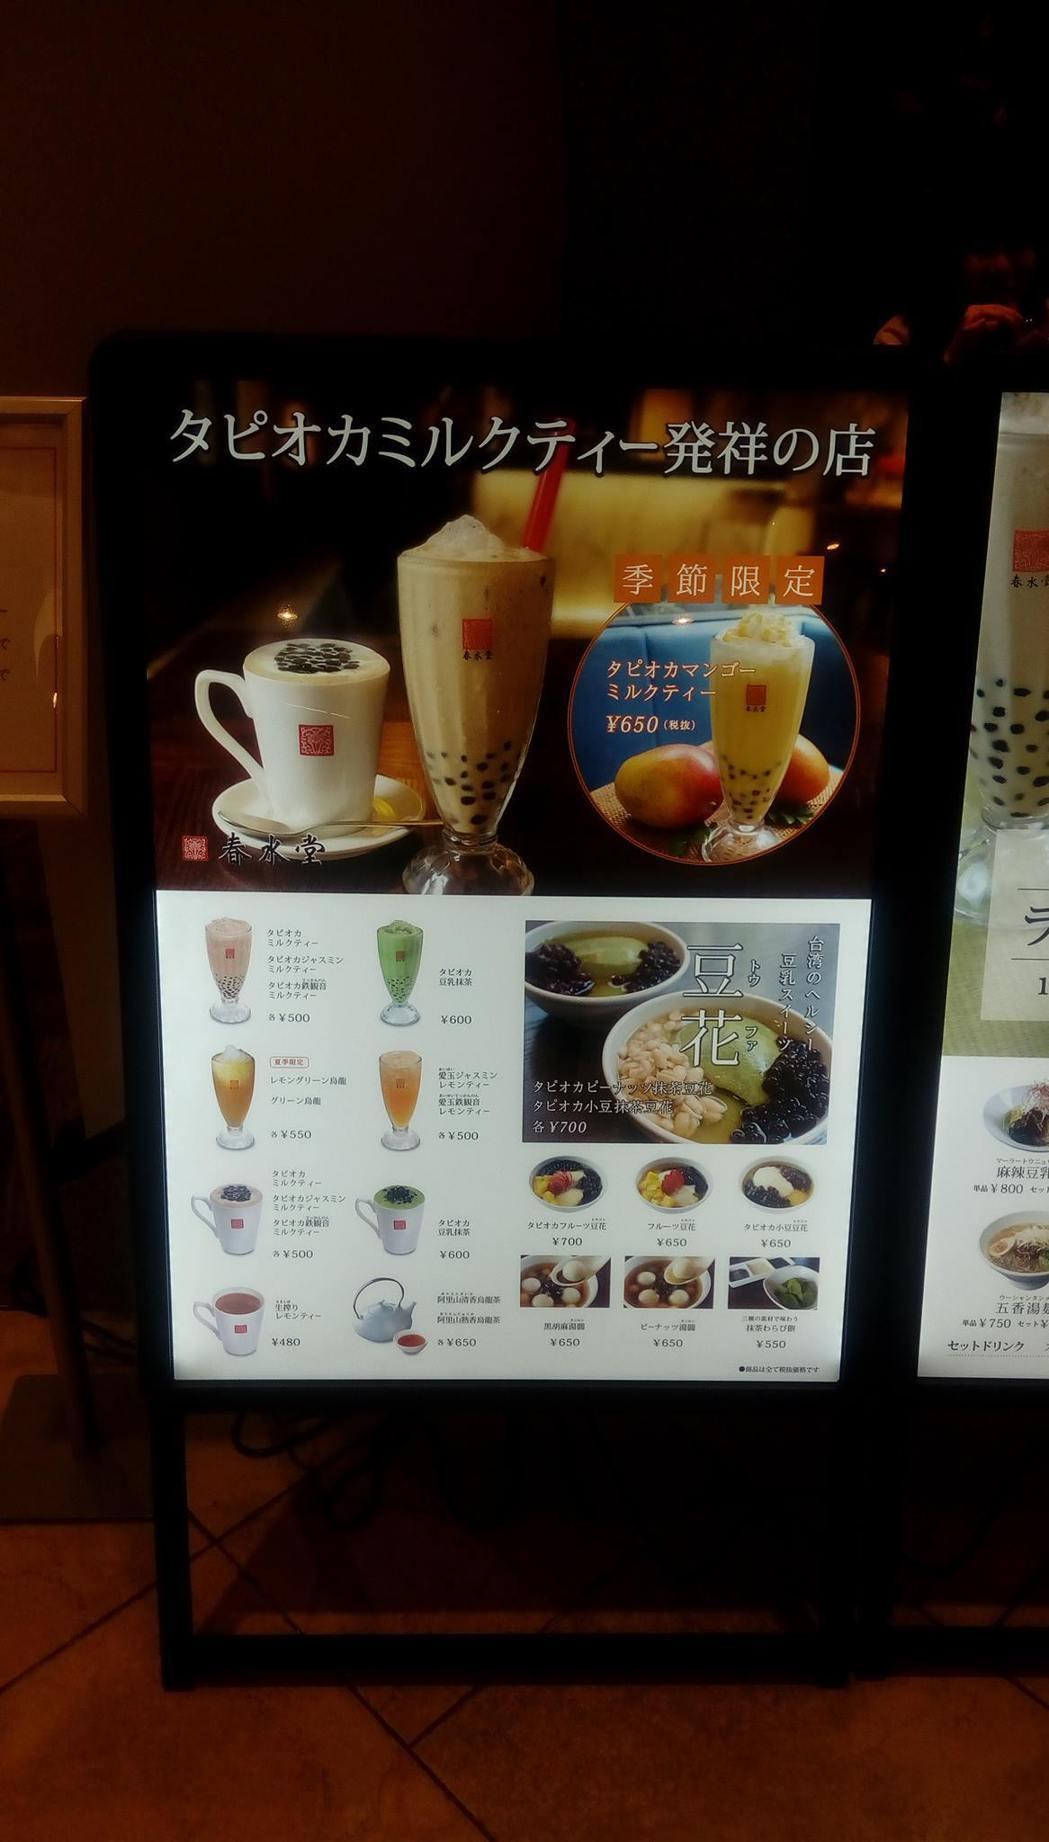 大阪春水堂菜單。圖/部落客Kayo提供